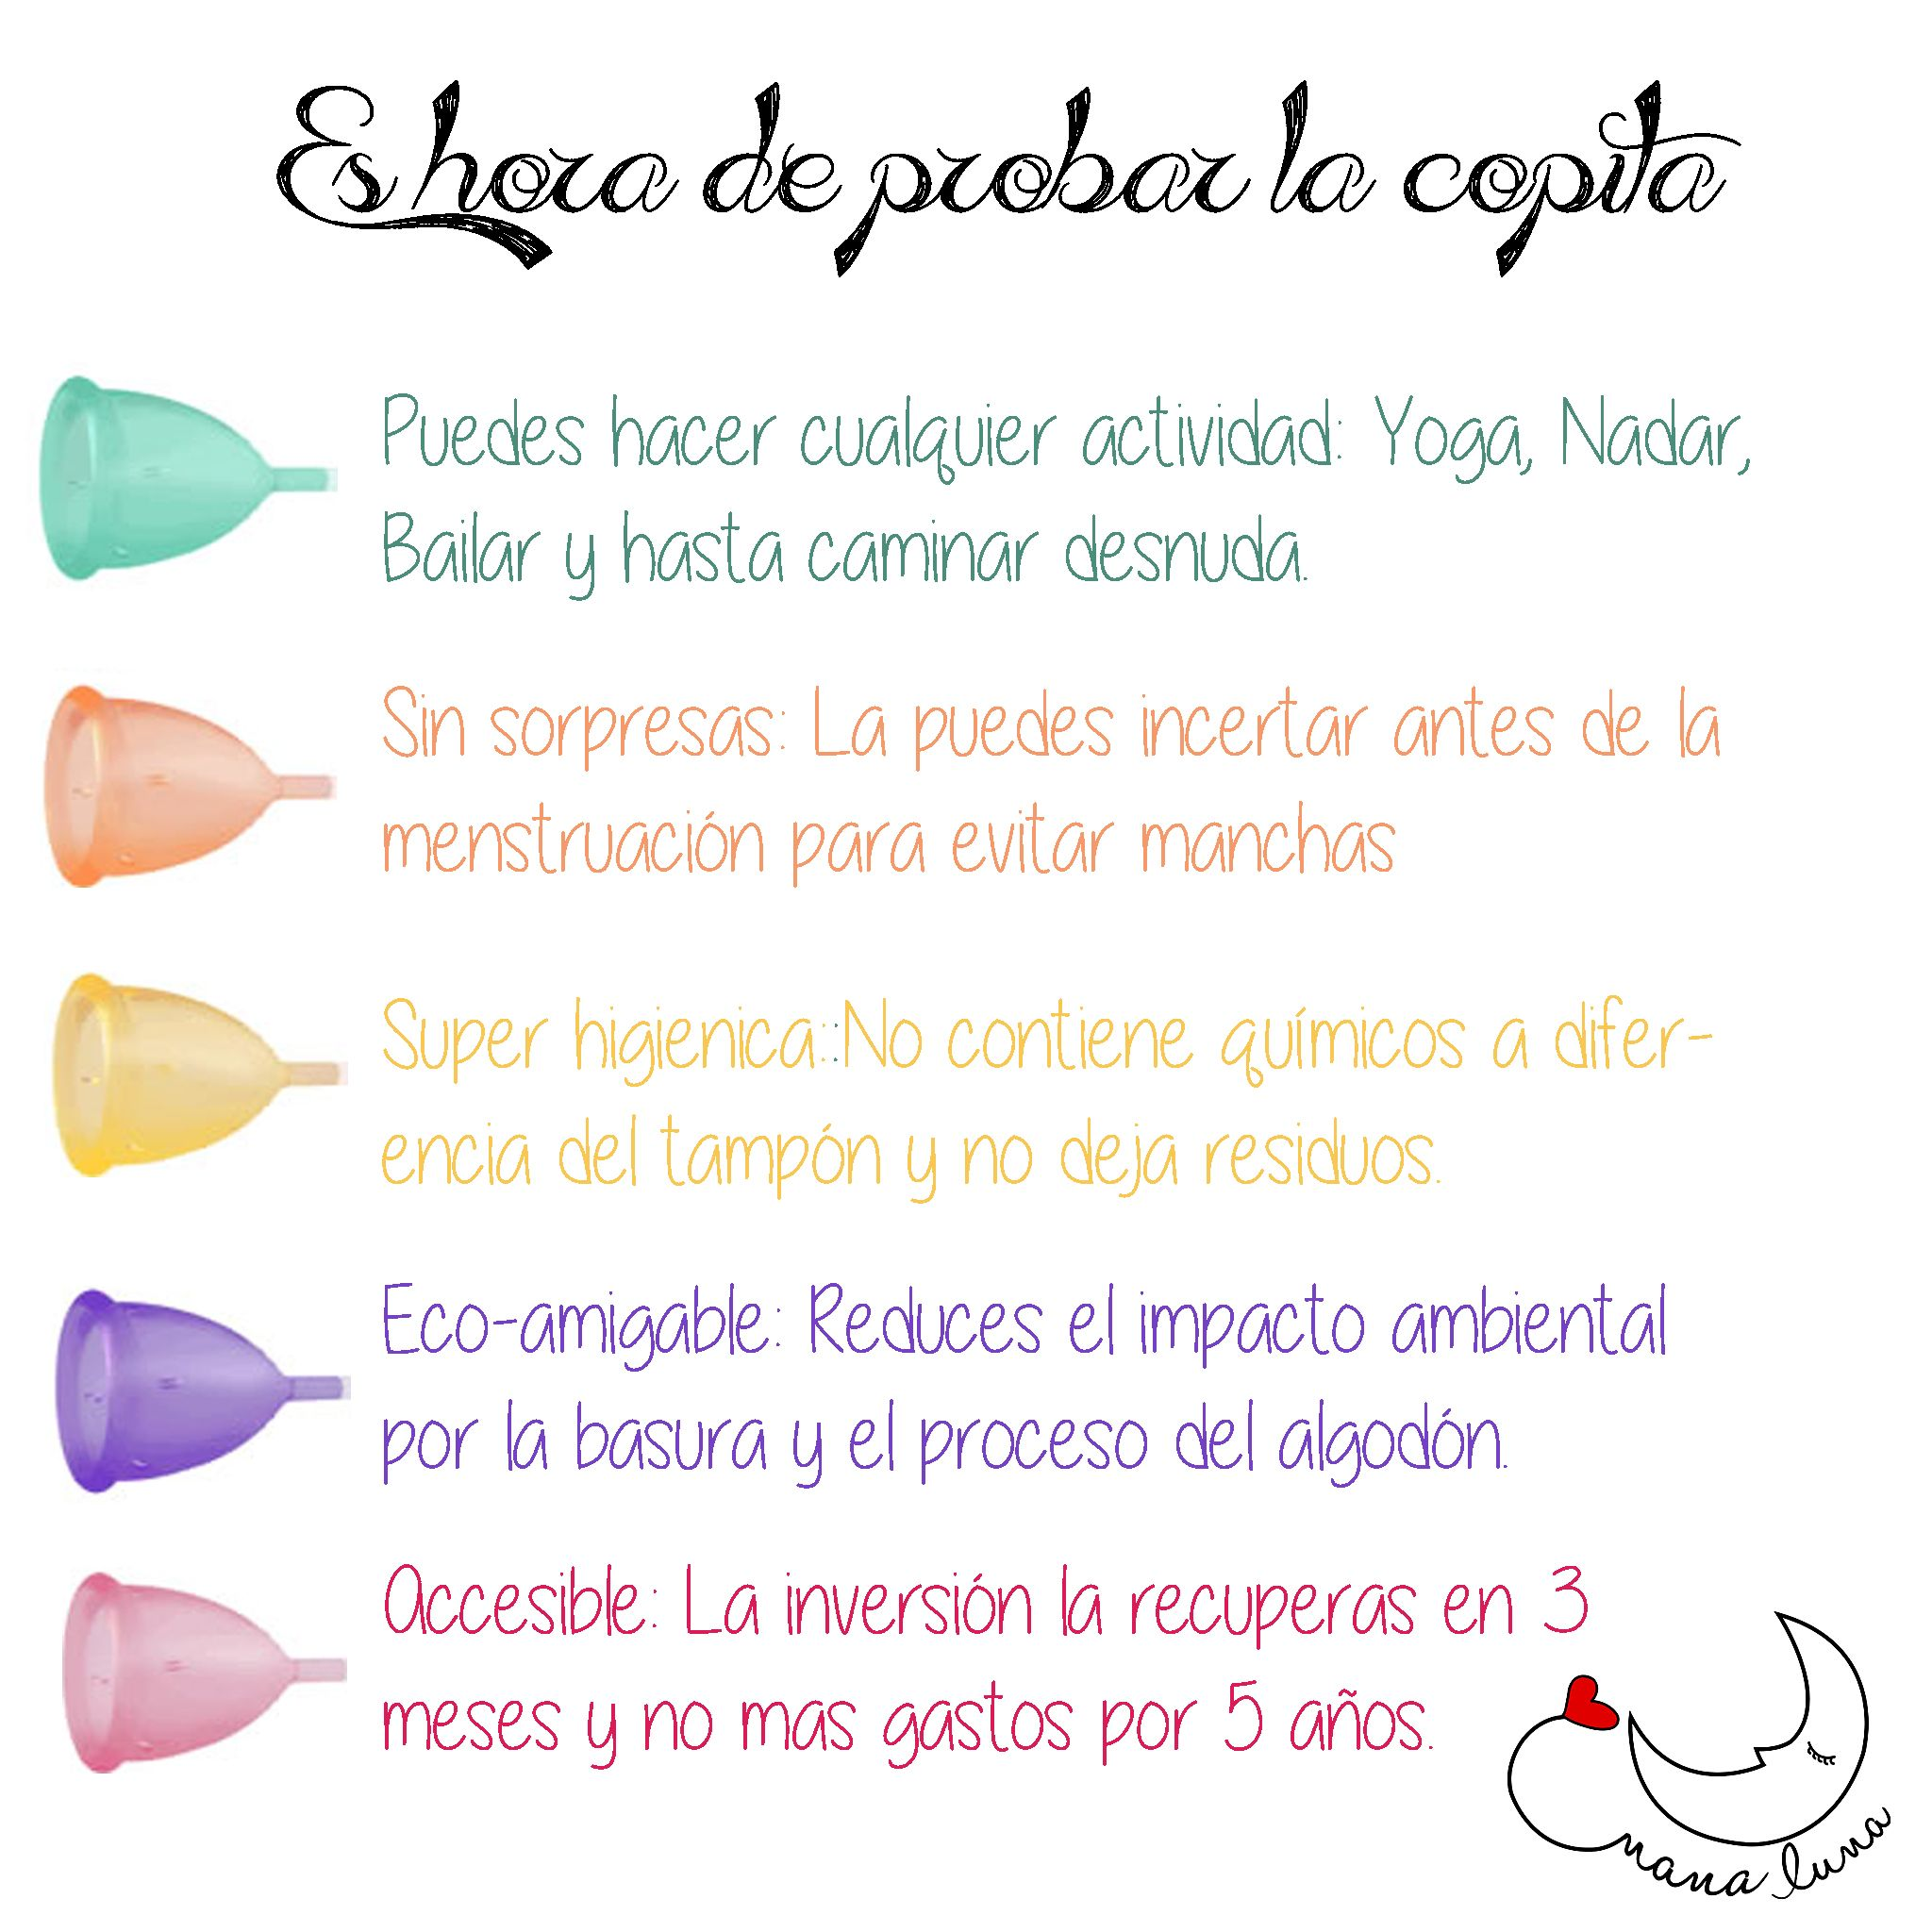 10 Ideas De Copa Menstrual Copa Menstrual Copas Menstruales Copa Menstual